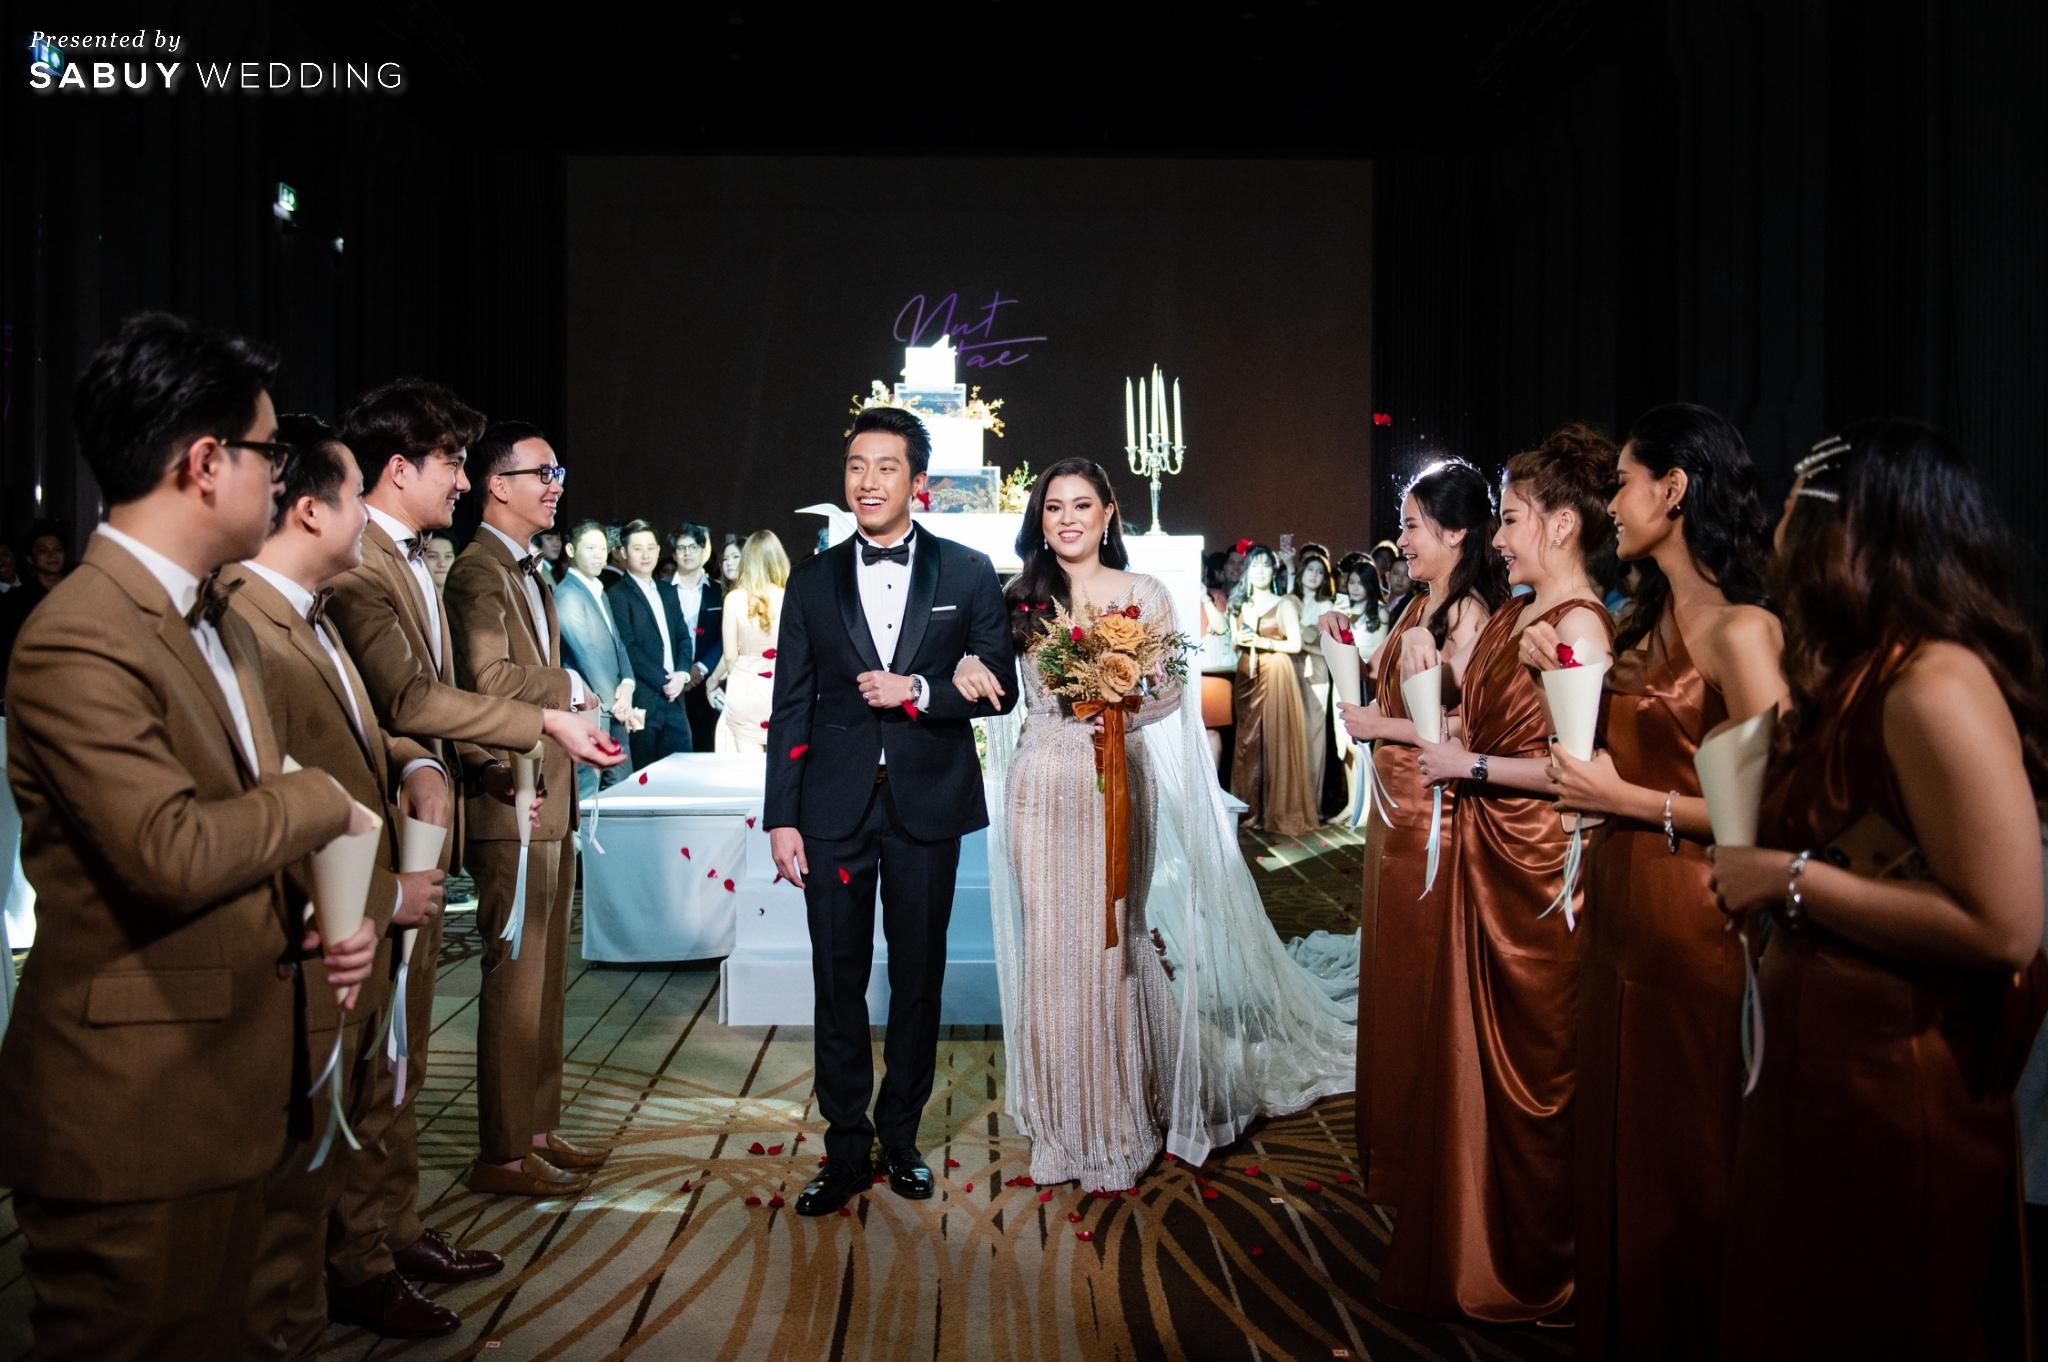 เจ้าบ่าว,เจ้าสาว,ดอกไม้เจ้าสาว รีวิวงานแต่งฟีล Luxury สวยดูดีด้วยโทนสีเบจ @ SO/ BANGKOK